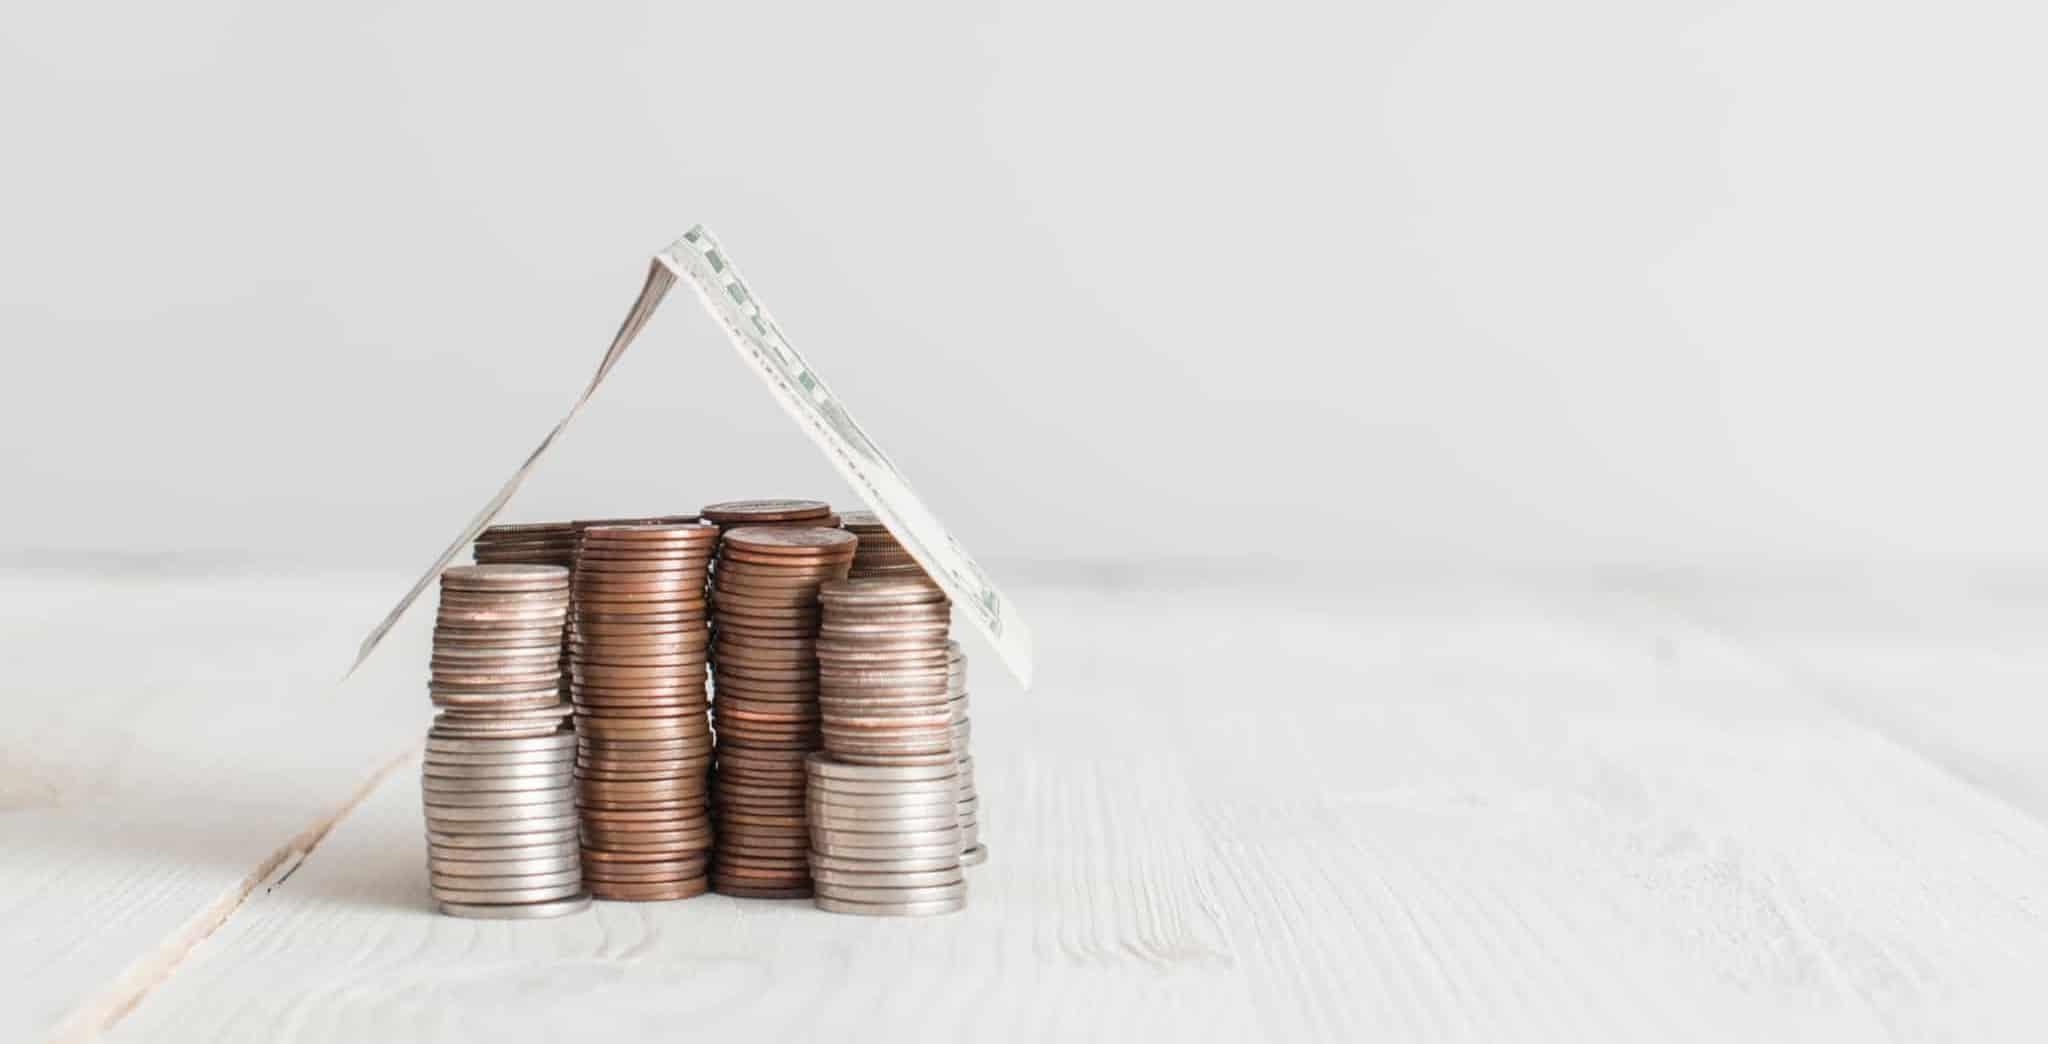 casa de moedas com um telhado de nota